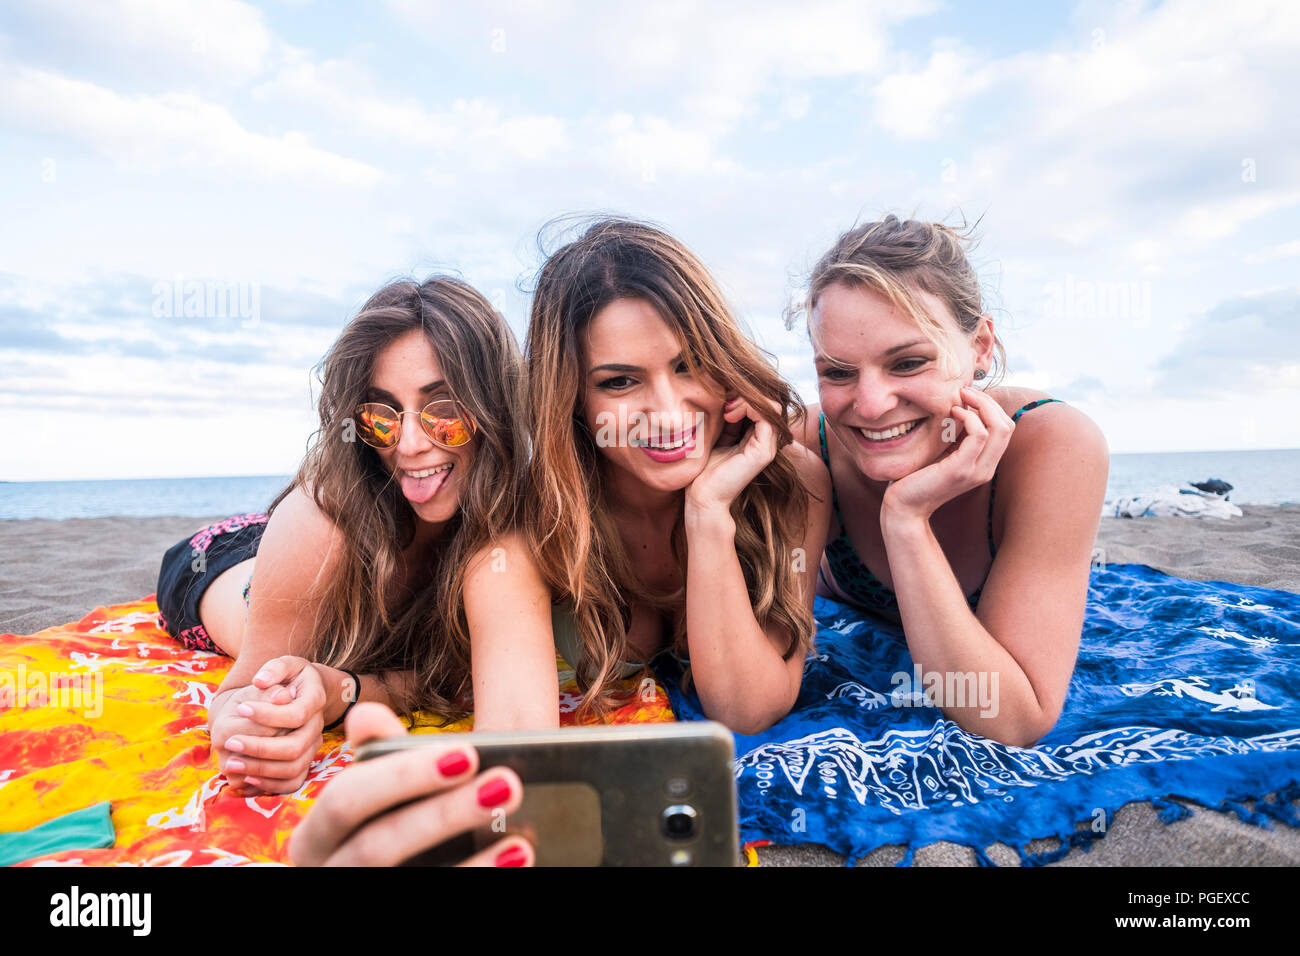 Piuttosto un gruppo di giovani femmine ragazza utilizzando un telefono intelligente che giace sulla spiaggia con il mare e l'orizzonte in background. gente allegra godendo la lif Immagini Stock